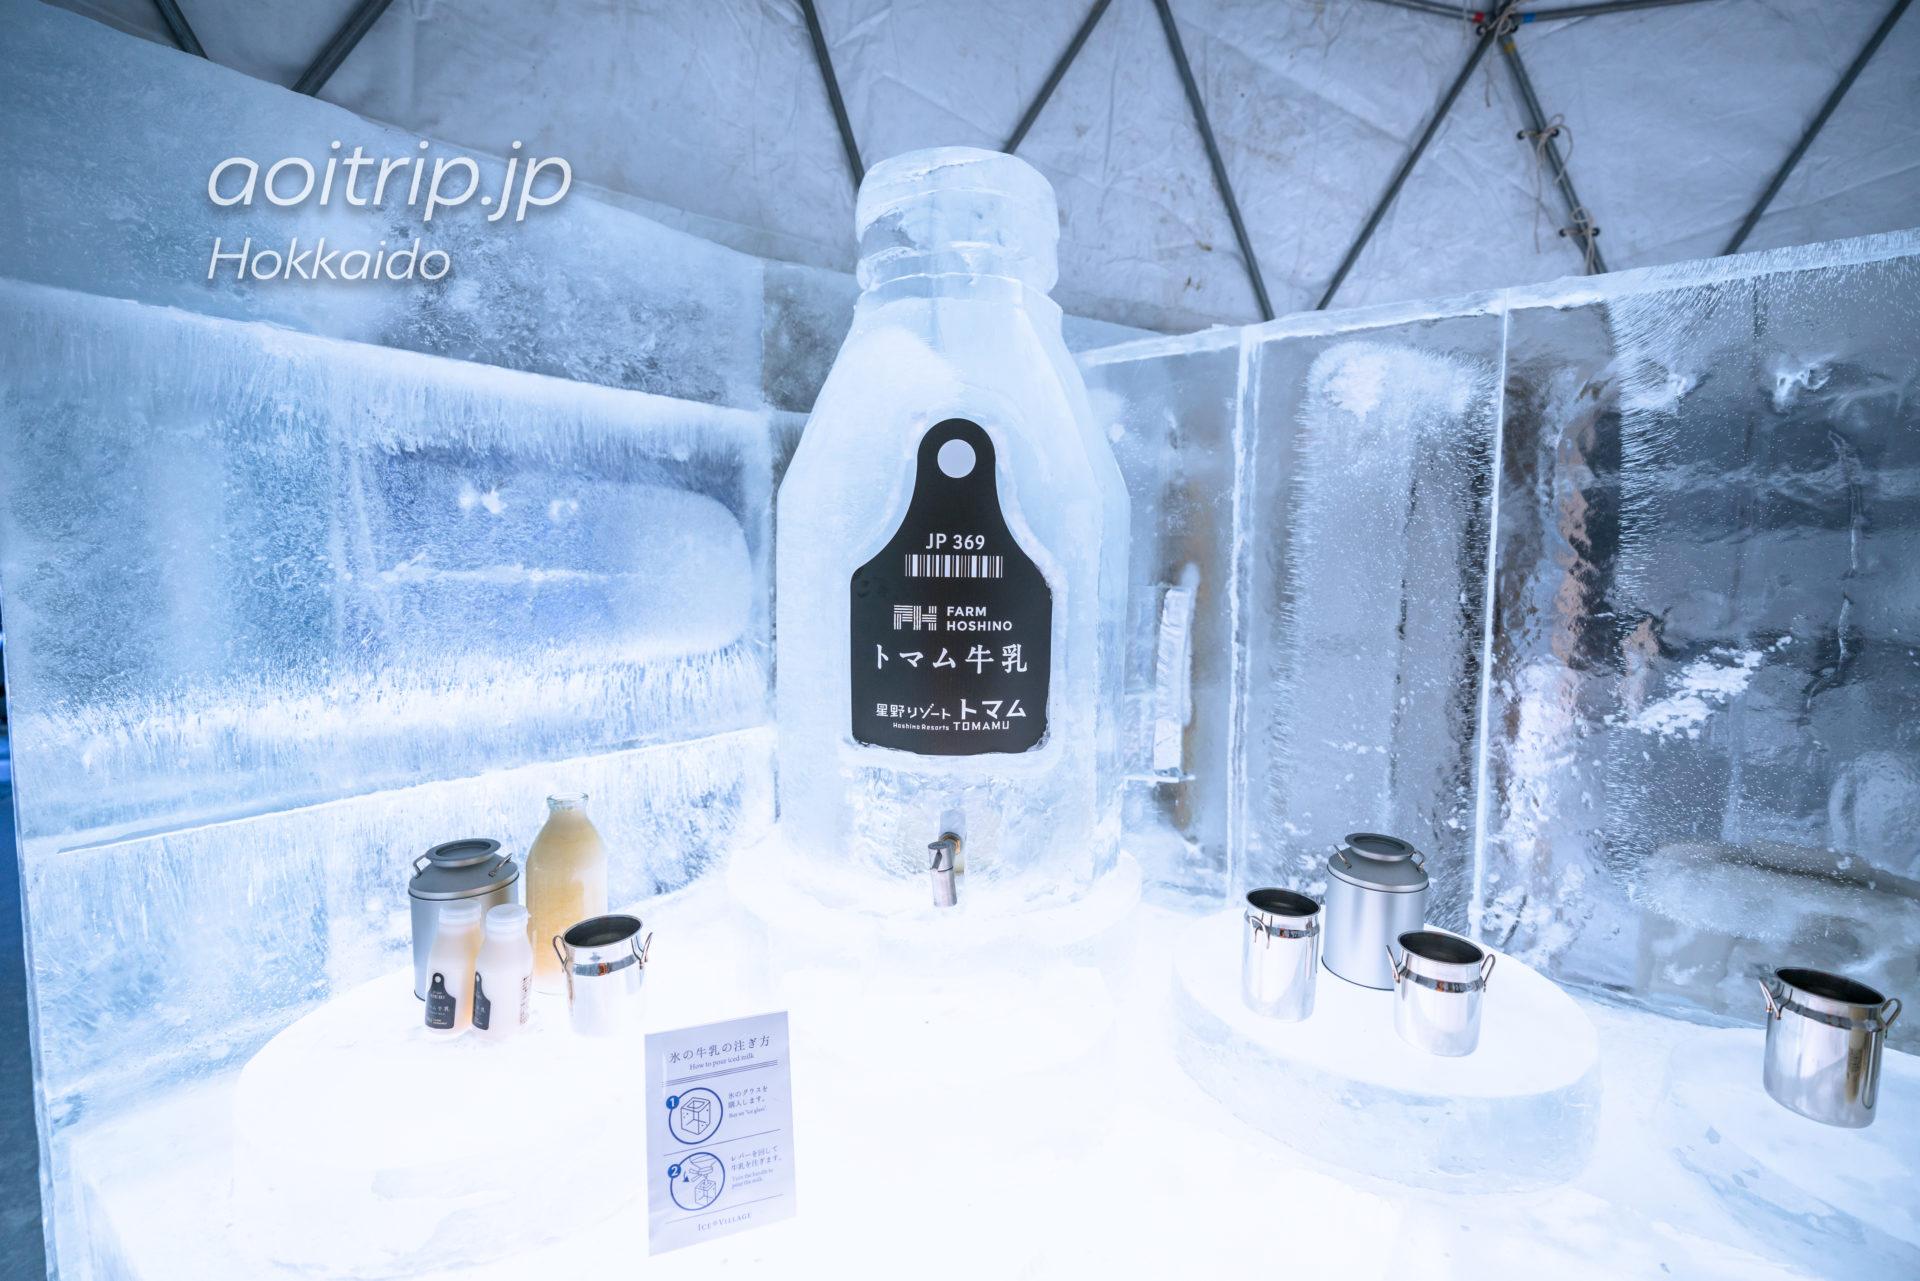 アイスヴィレッジの氷のMilk Cafe